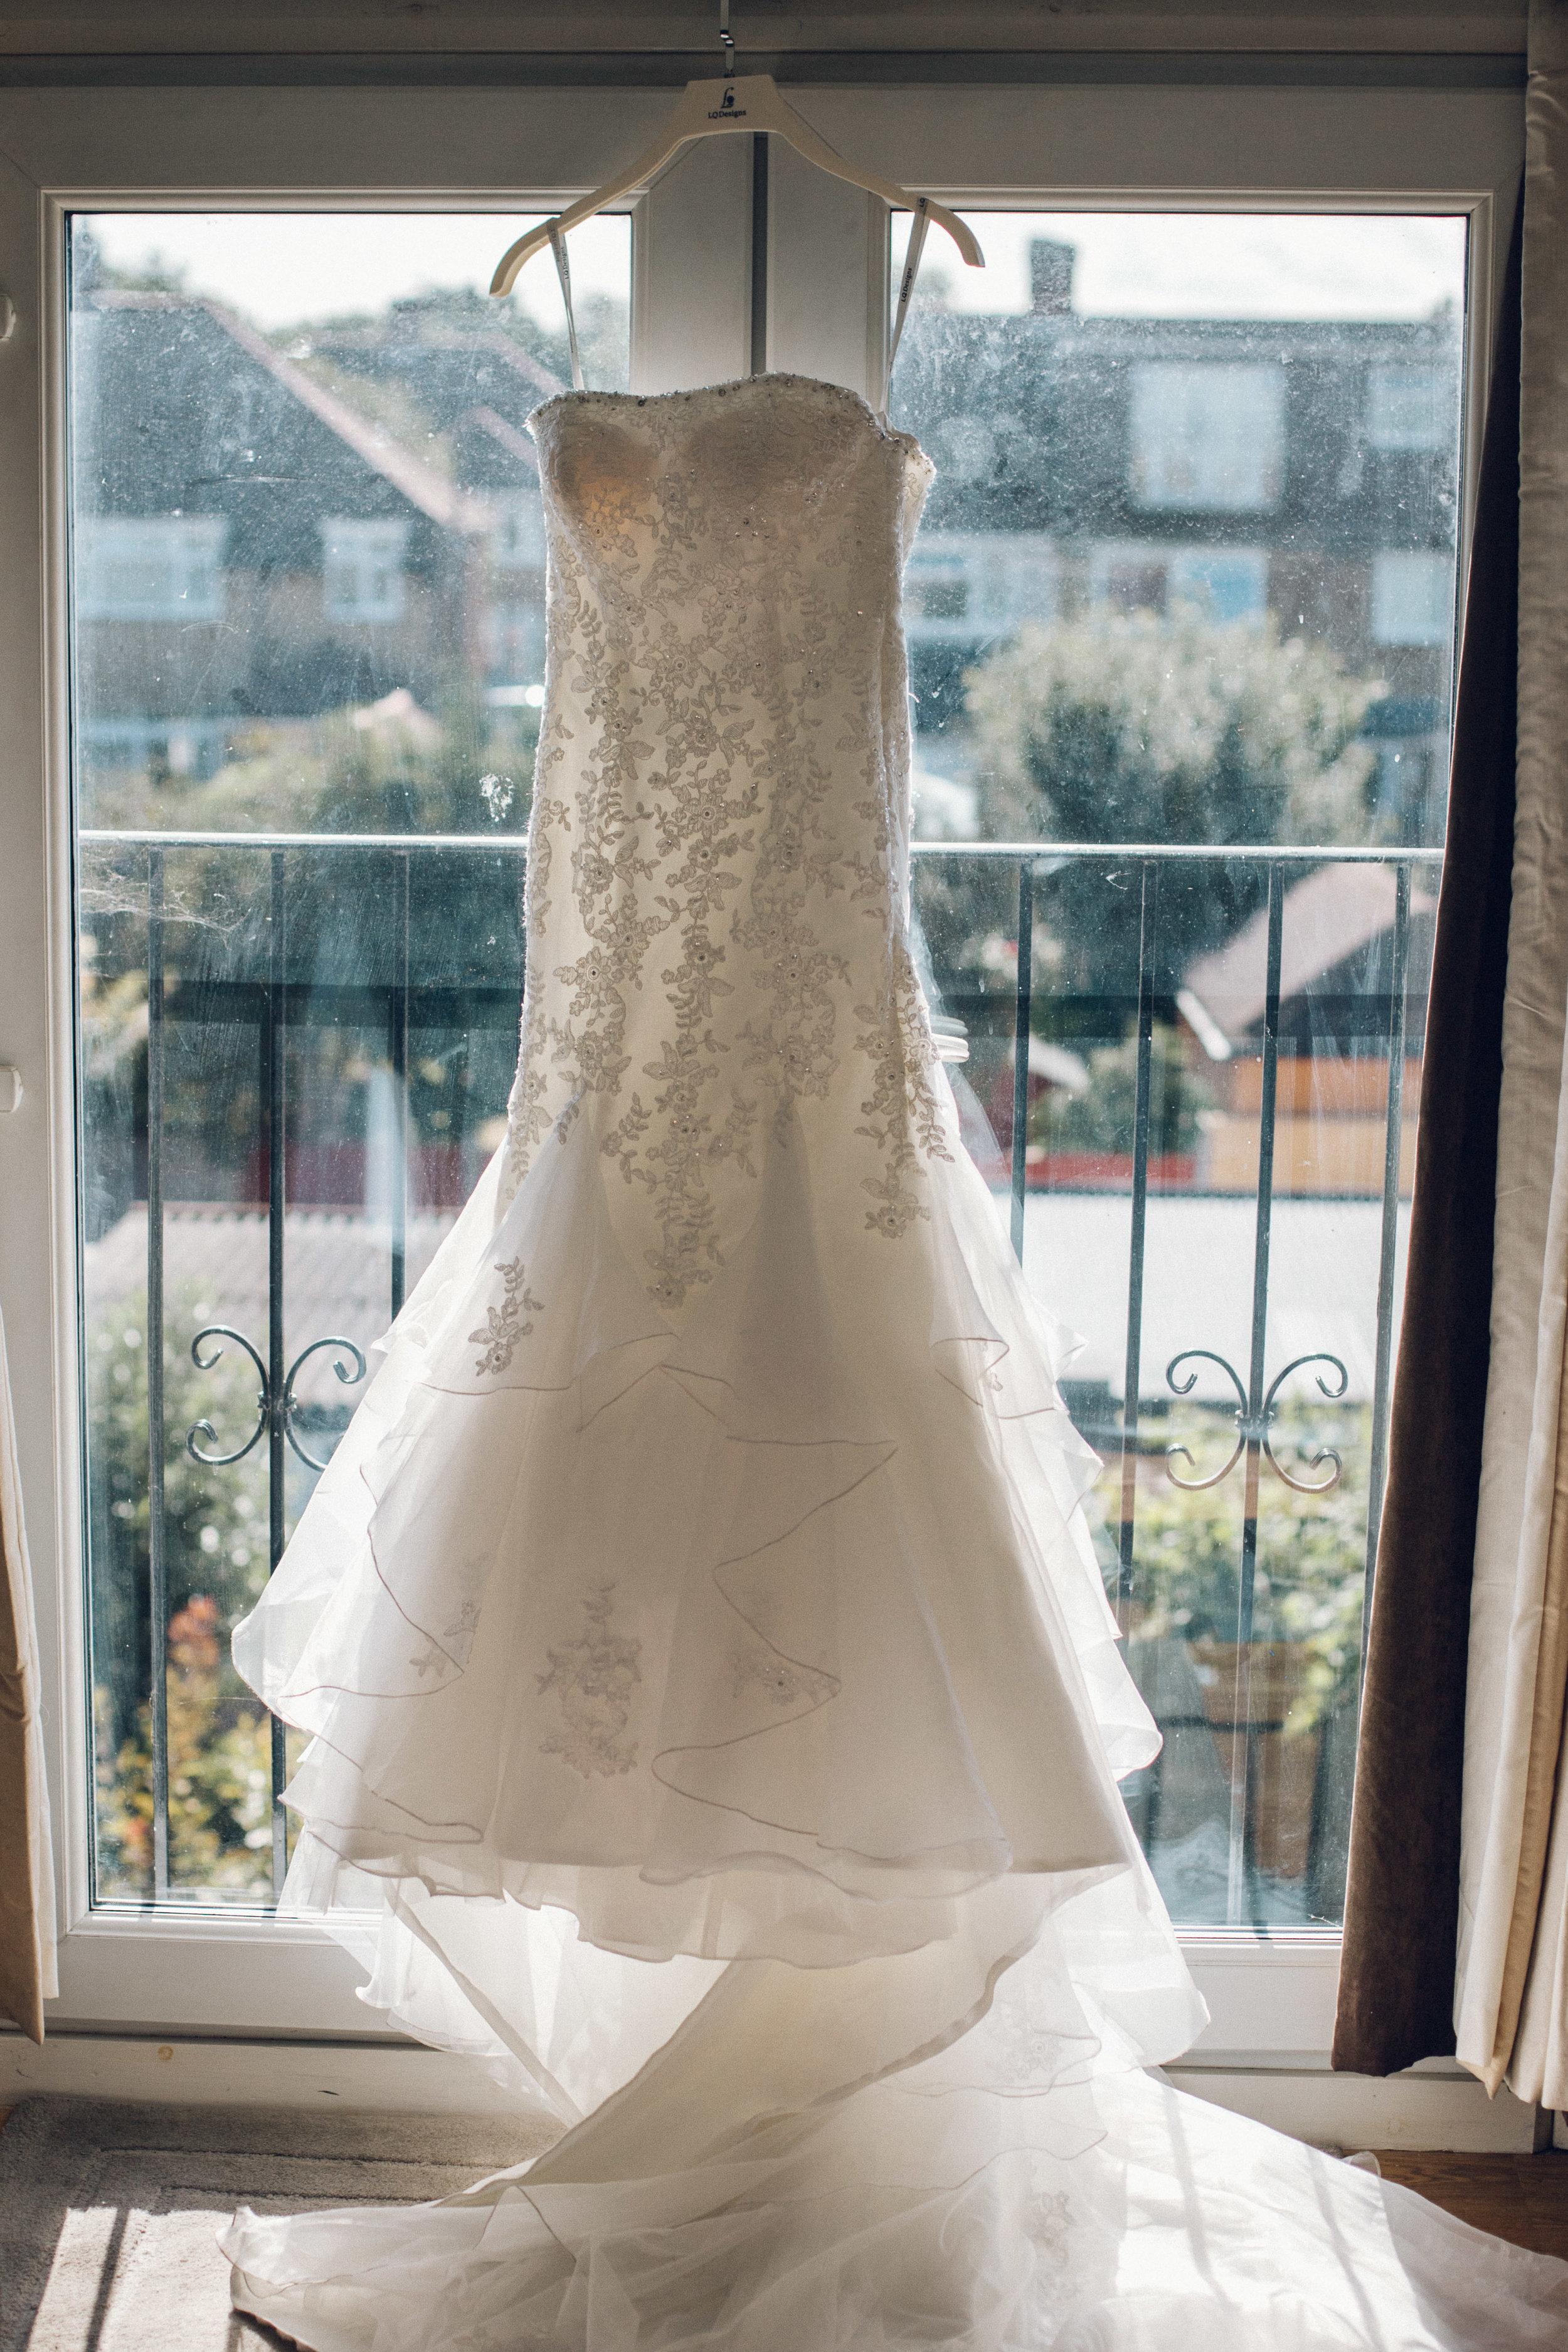 Lace wedding dress hung up